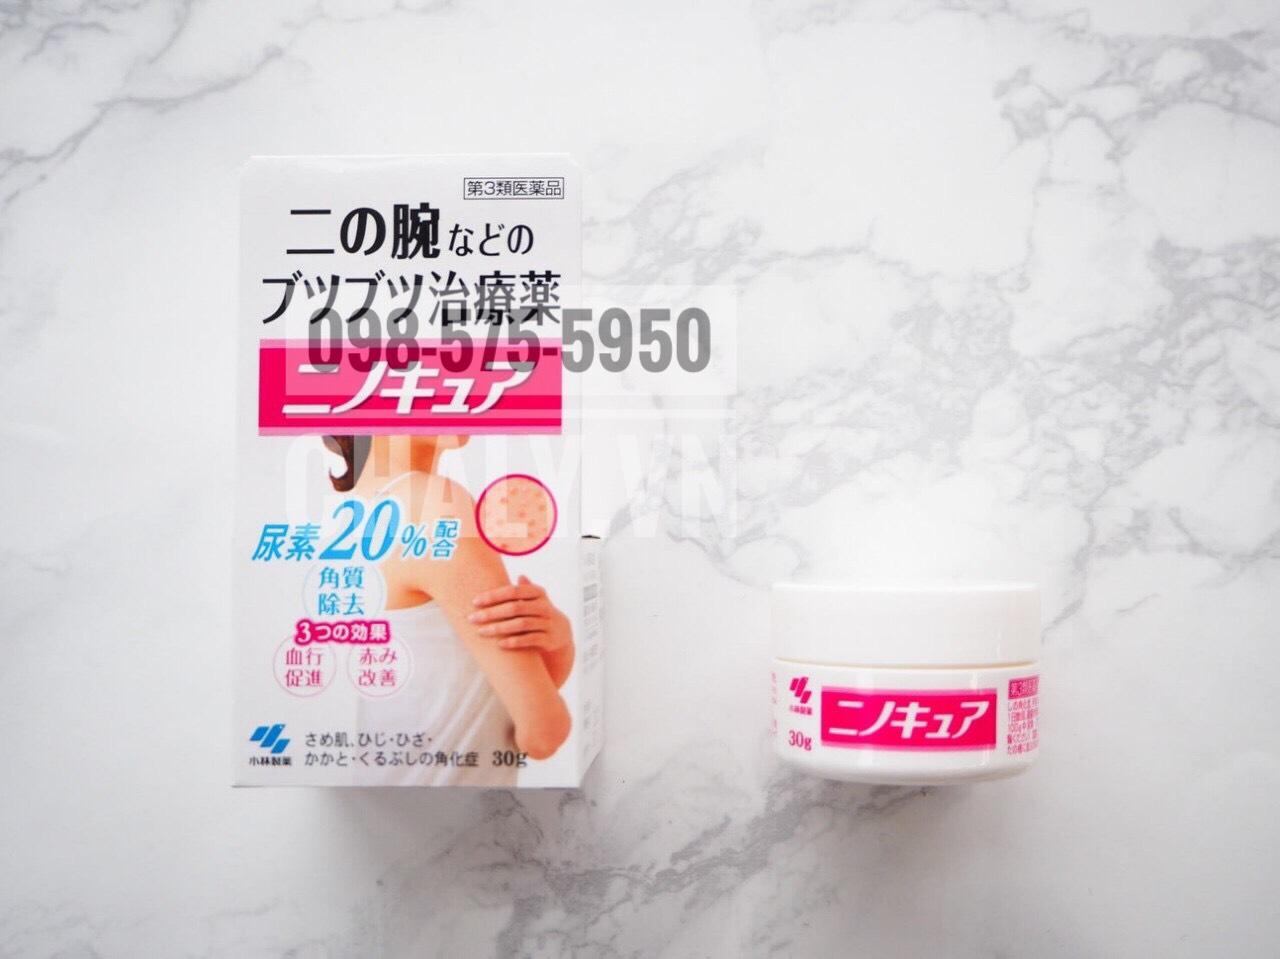 Kem trị viêm lỗ chân lông của Nhật Kobayashi Nino Cure 30g với công thức riêng của hãng dược Kobayashi đem lại hiệu quả trị viêm nang lông nhanh chóng, được tin cậy